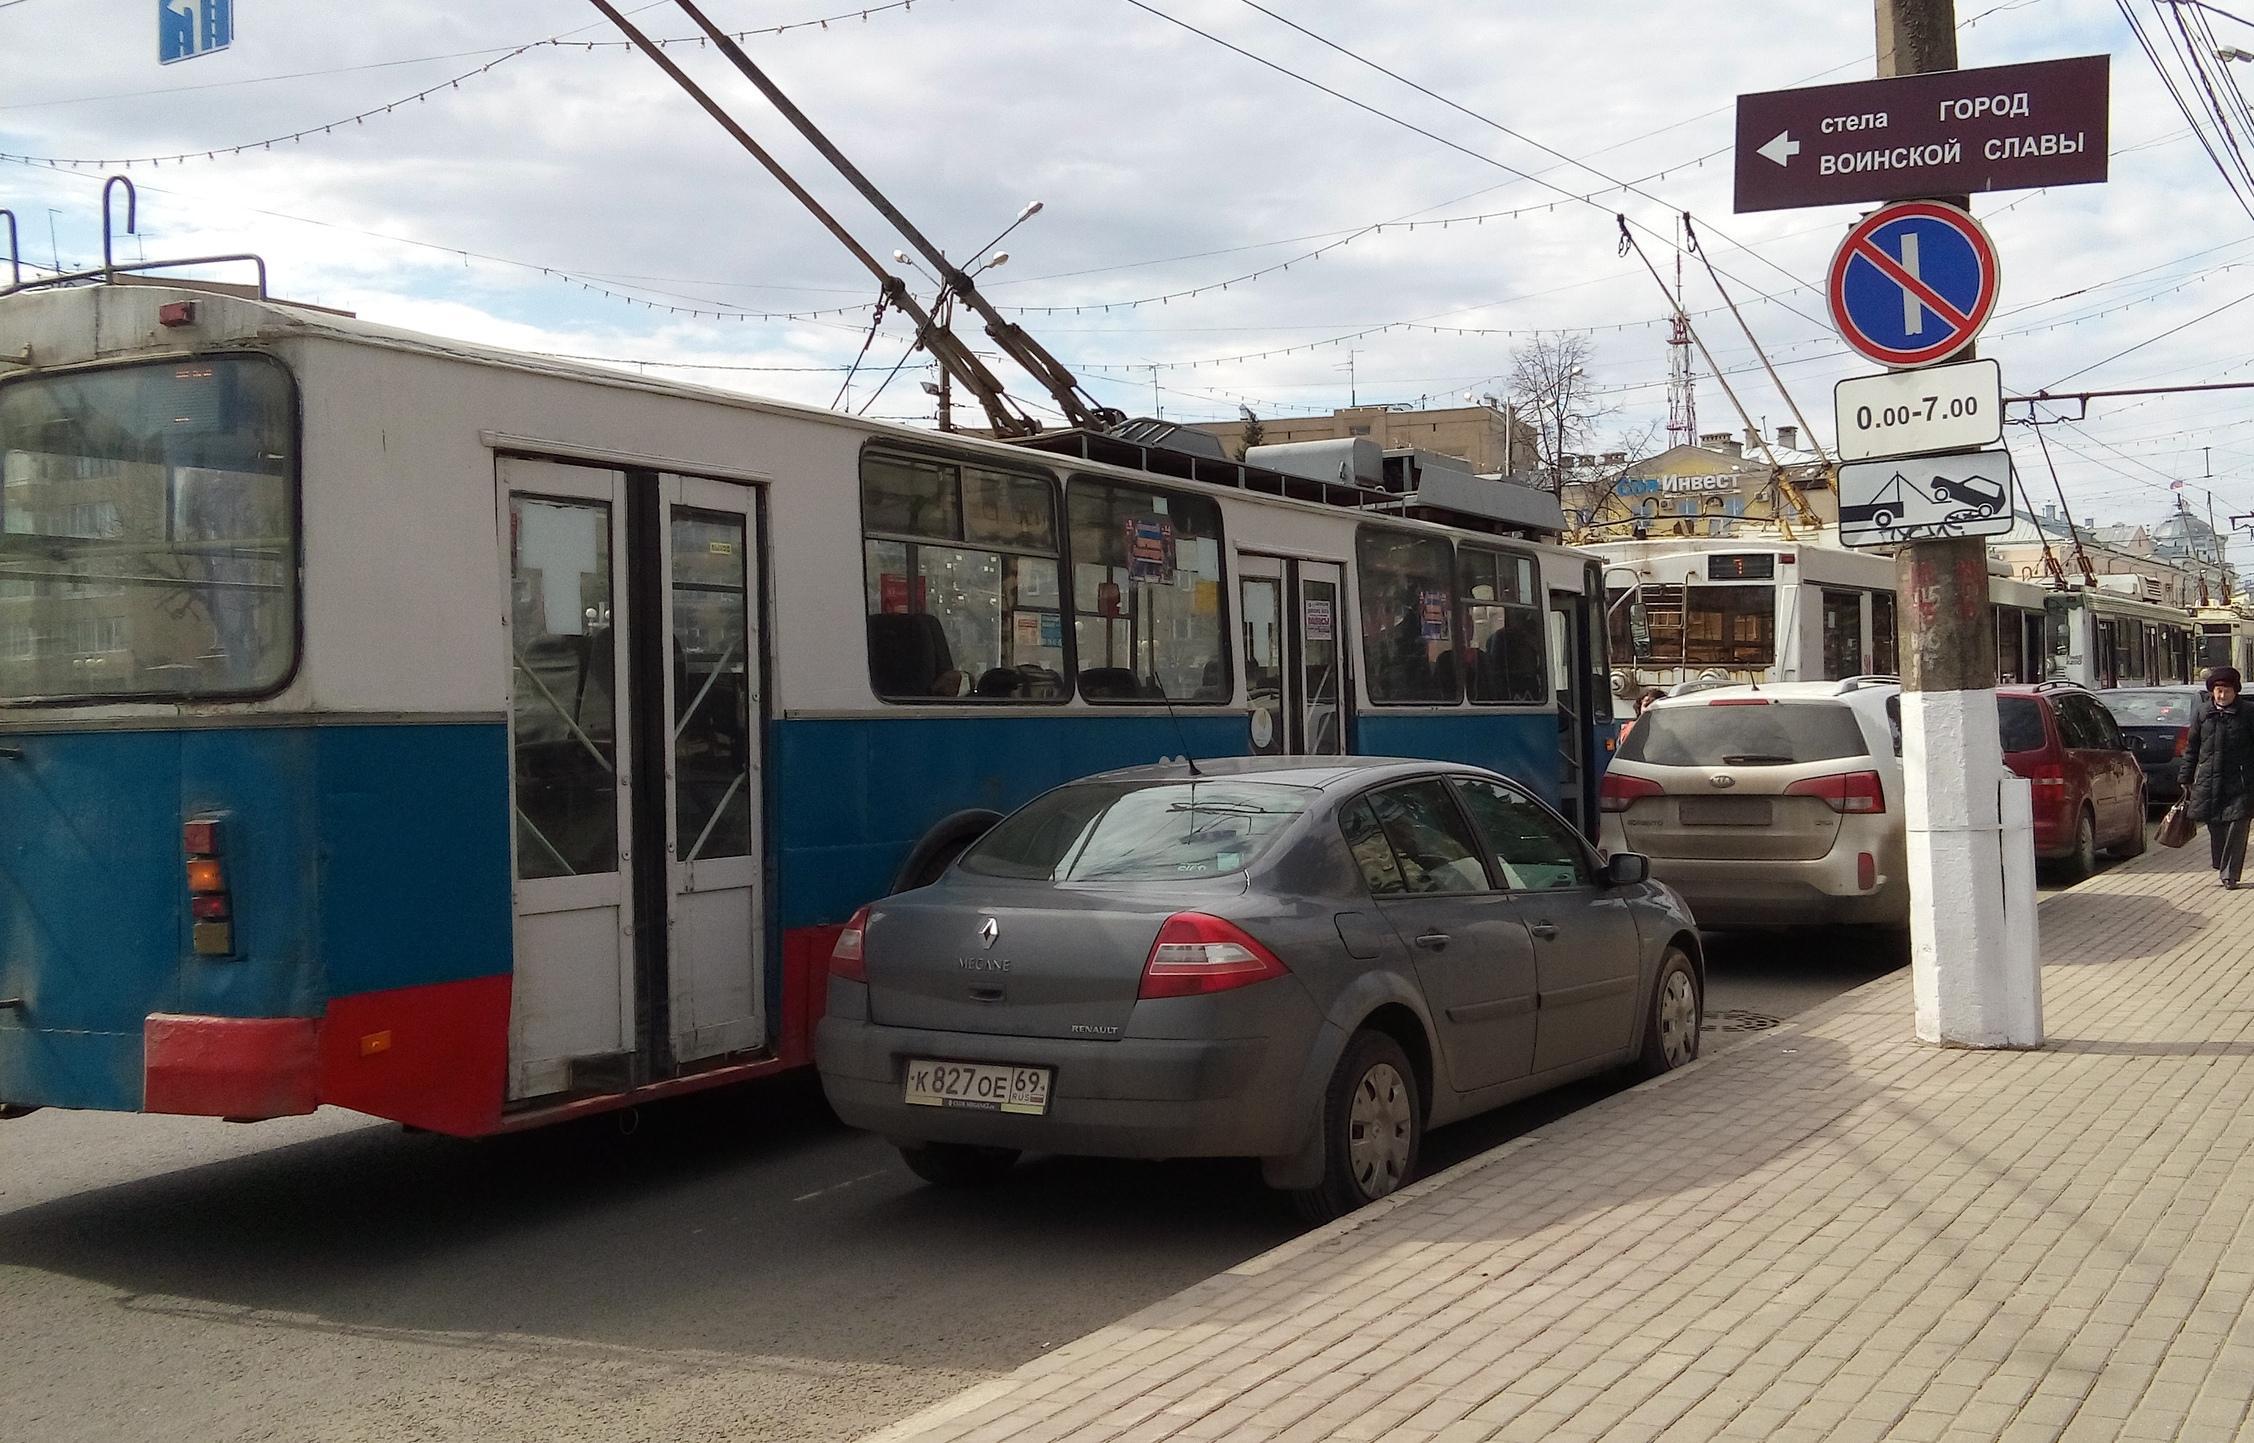 Тверские троллейбусы могут оказаться в Ярославле - новости Афанасий